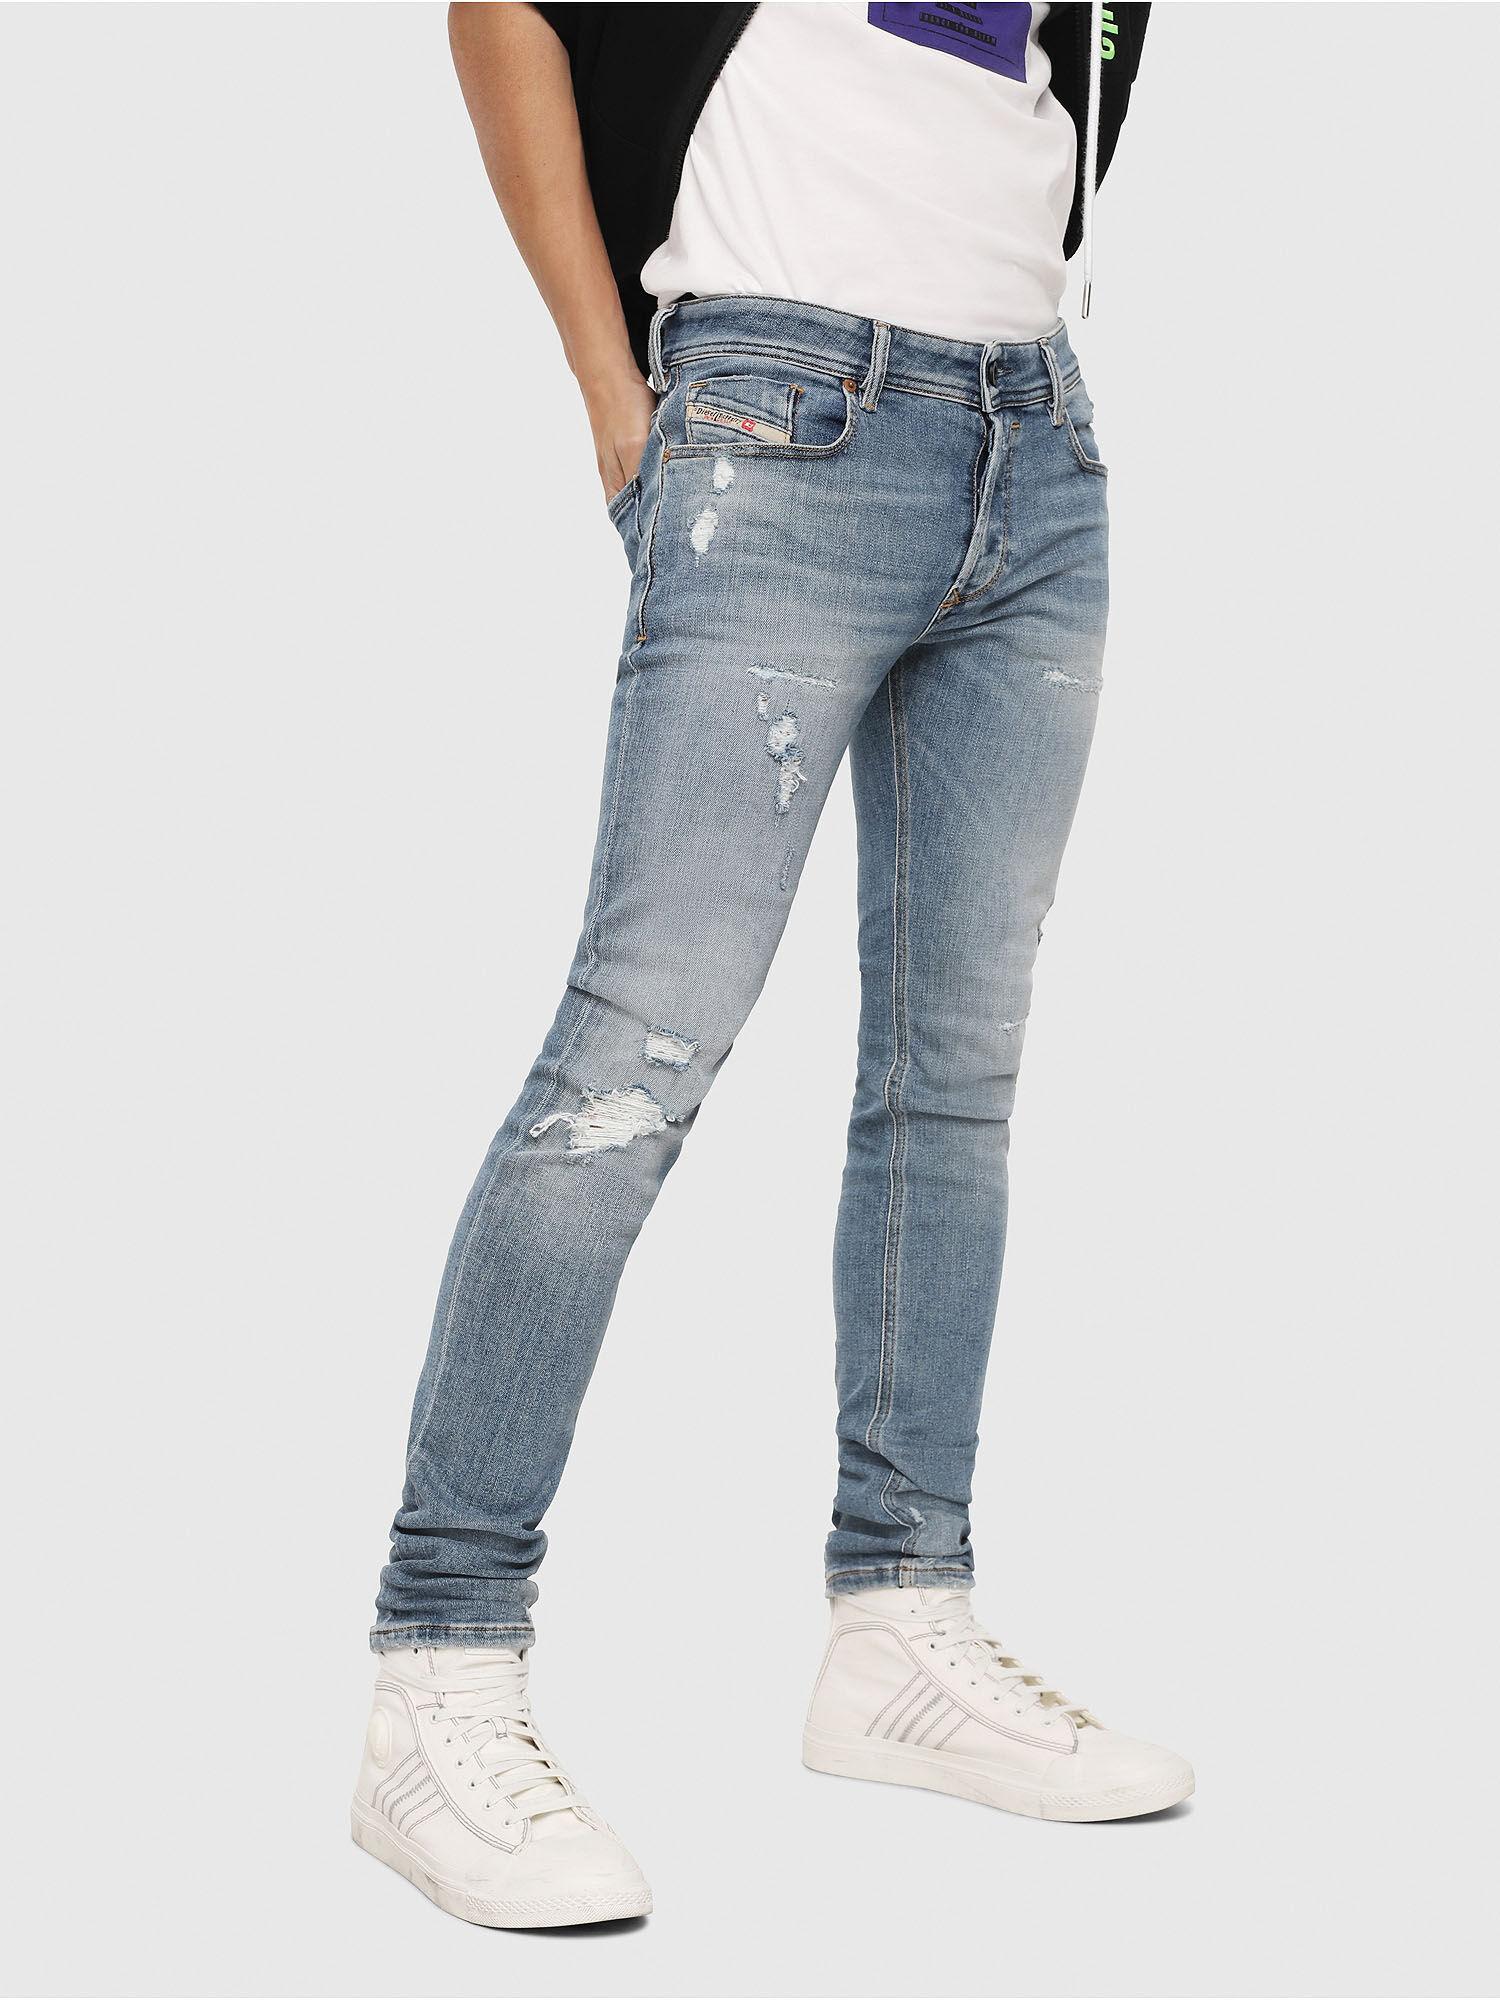 Jeans Uomo Jeans Uomo Caviglia Caviglia Stretta Jeans Stretta 54jLR3Aq